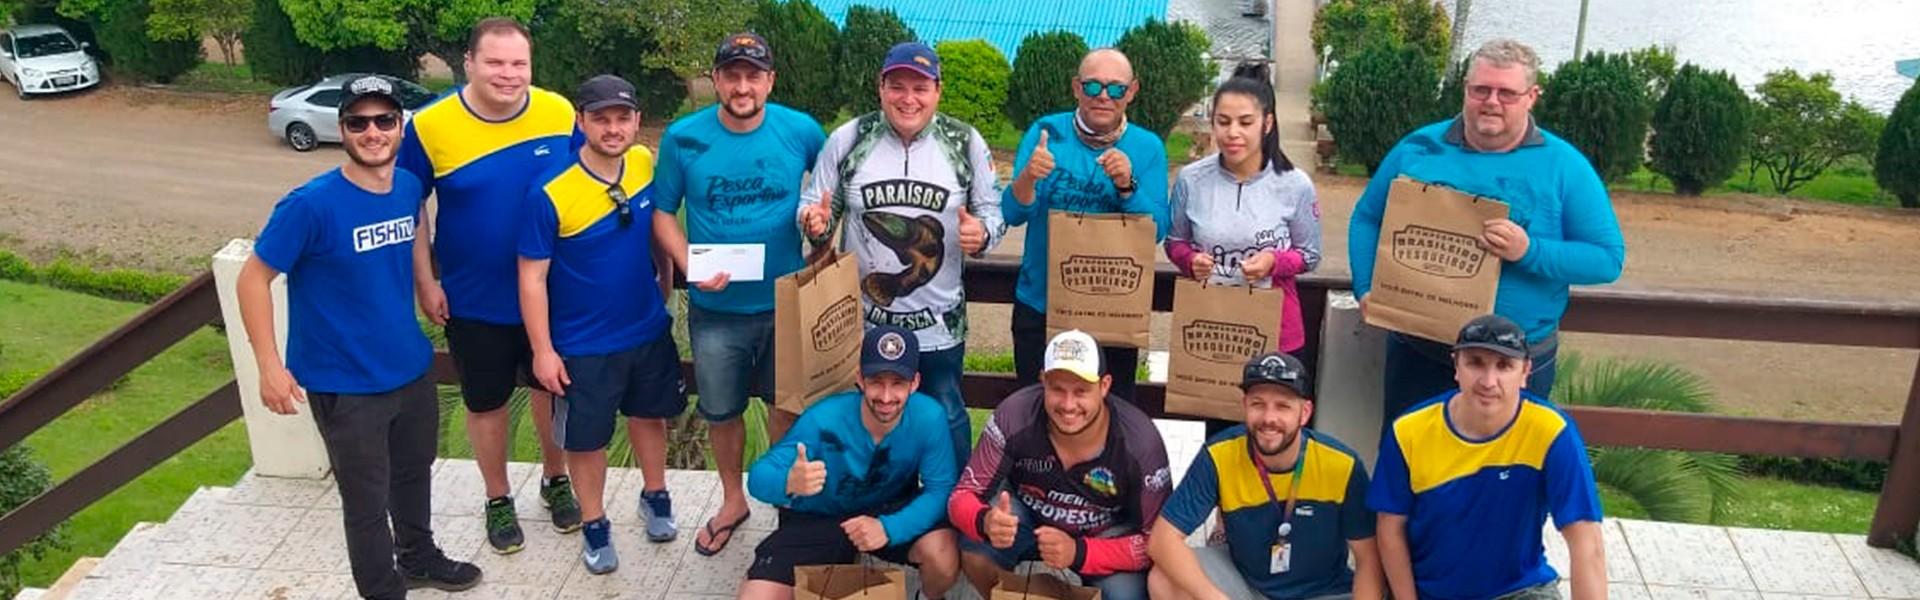 Campeonato Brasileiro em Pesqueiros: veja a preparação de alguns dos participantes